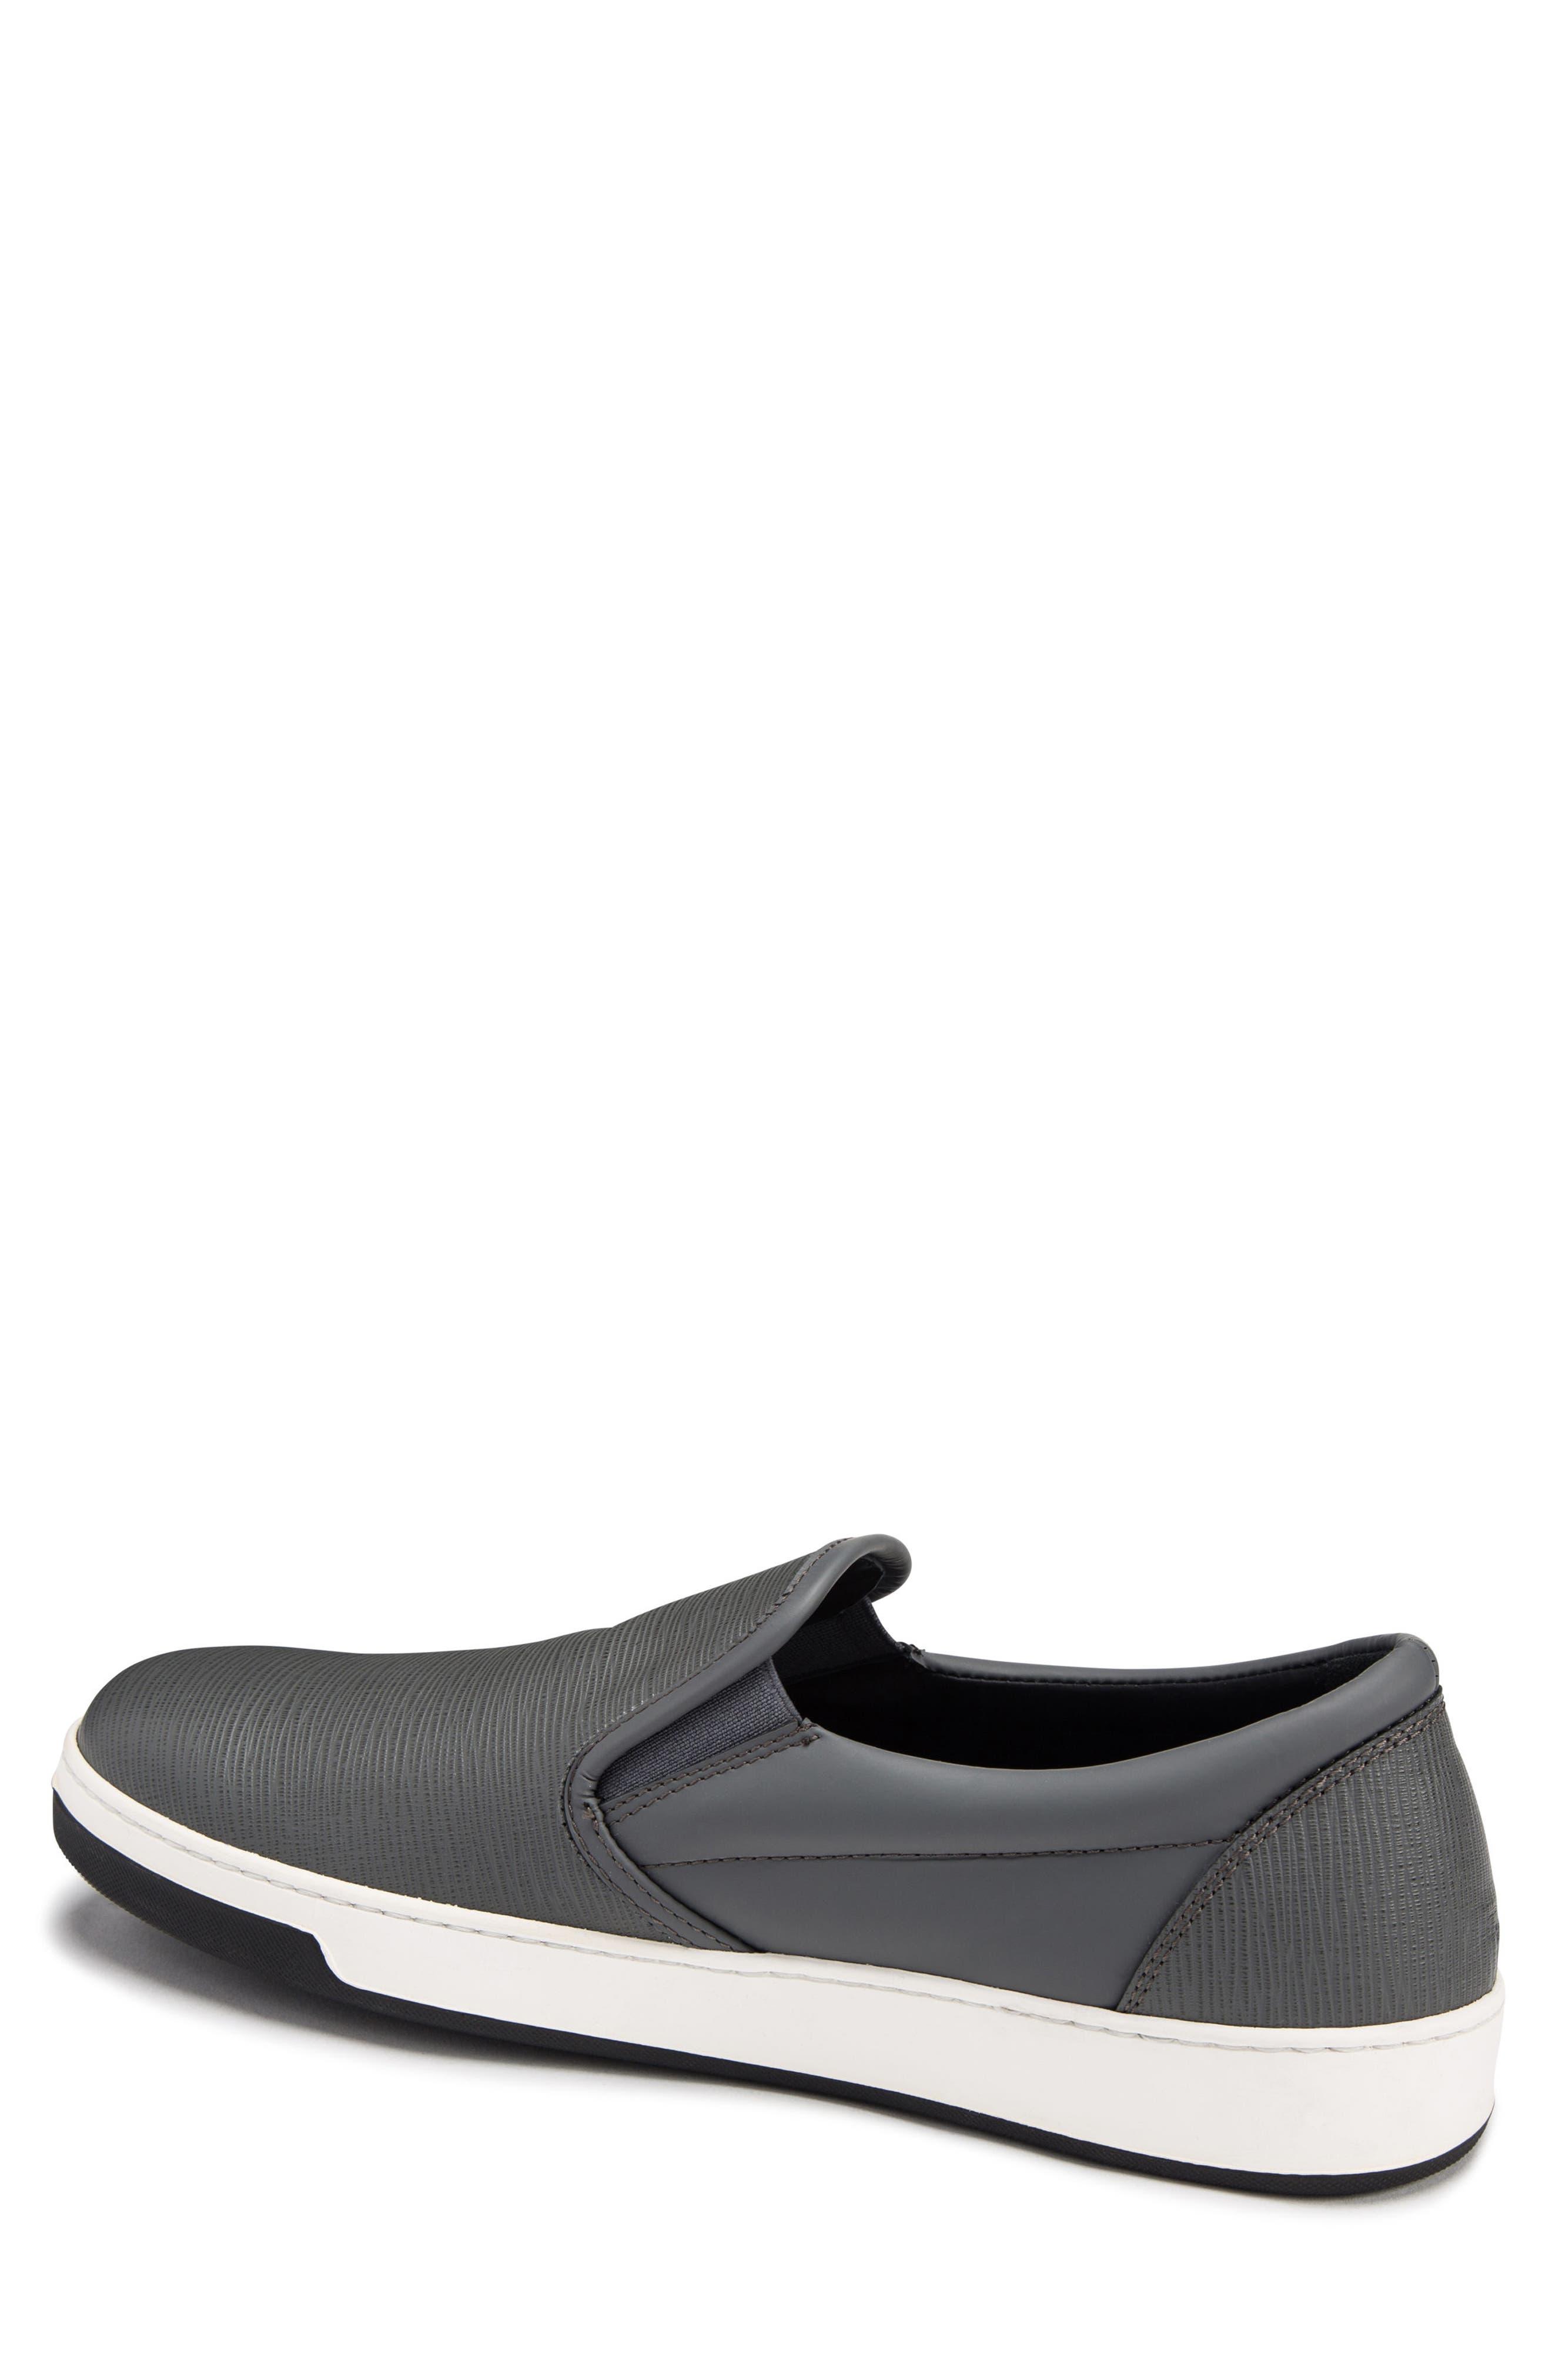 Santorini Slip-On Sneaker,                             Alternate thumbnail 2, color,                             GRAFITE